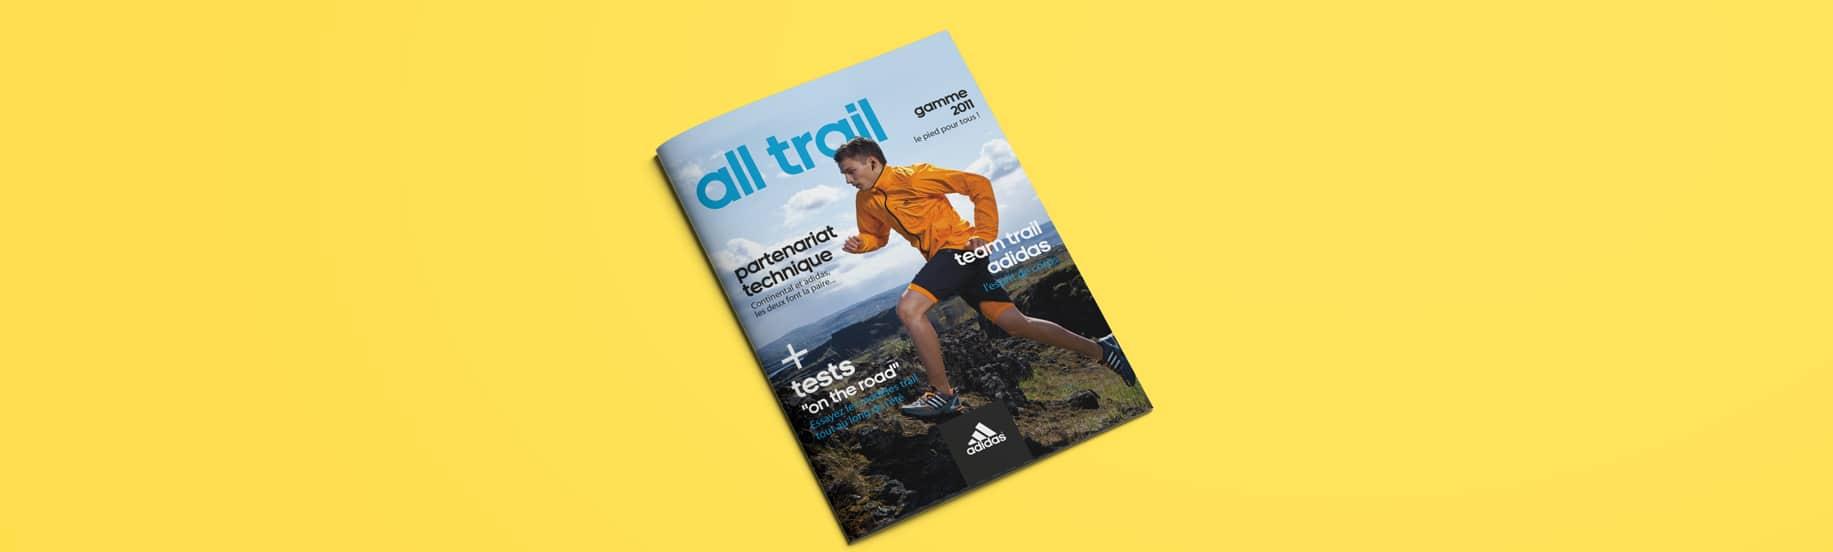 Couverture de magazine adidas all trail